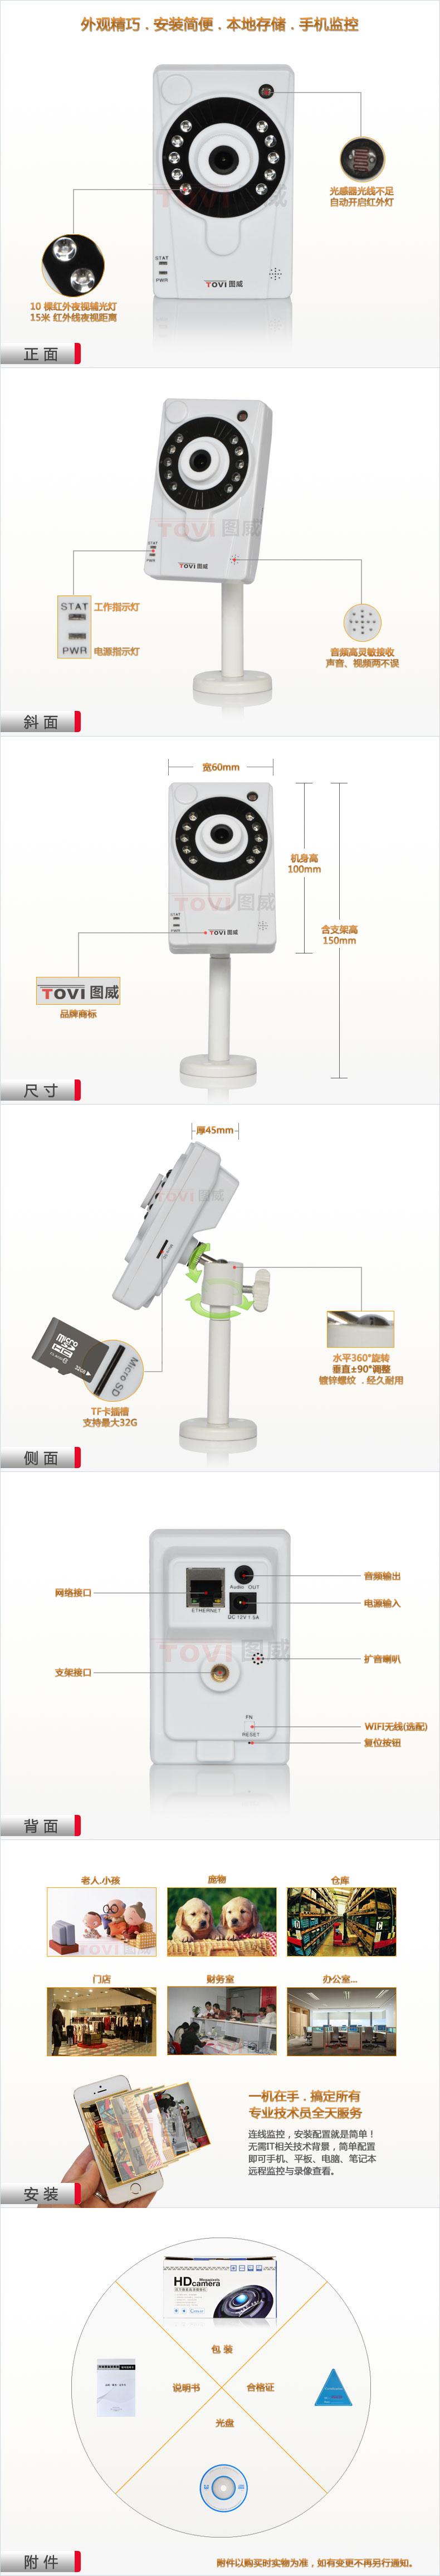 图威TV-C1-IR1 100万像素SD卡存储卡片式网络高清摄像机产品展示